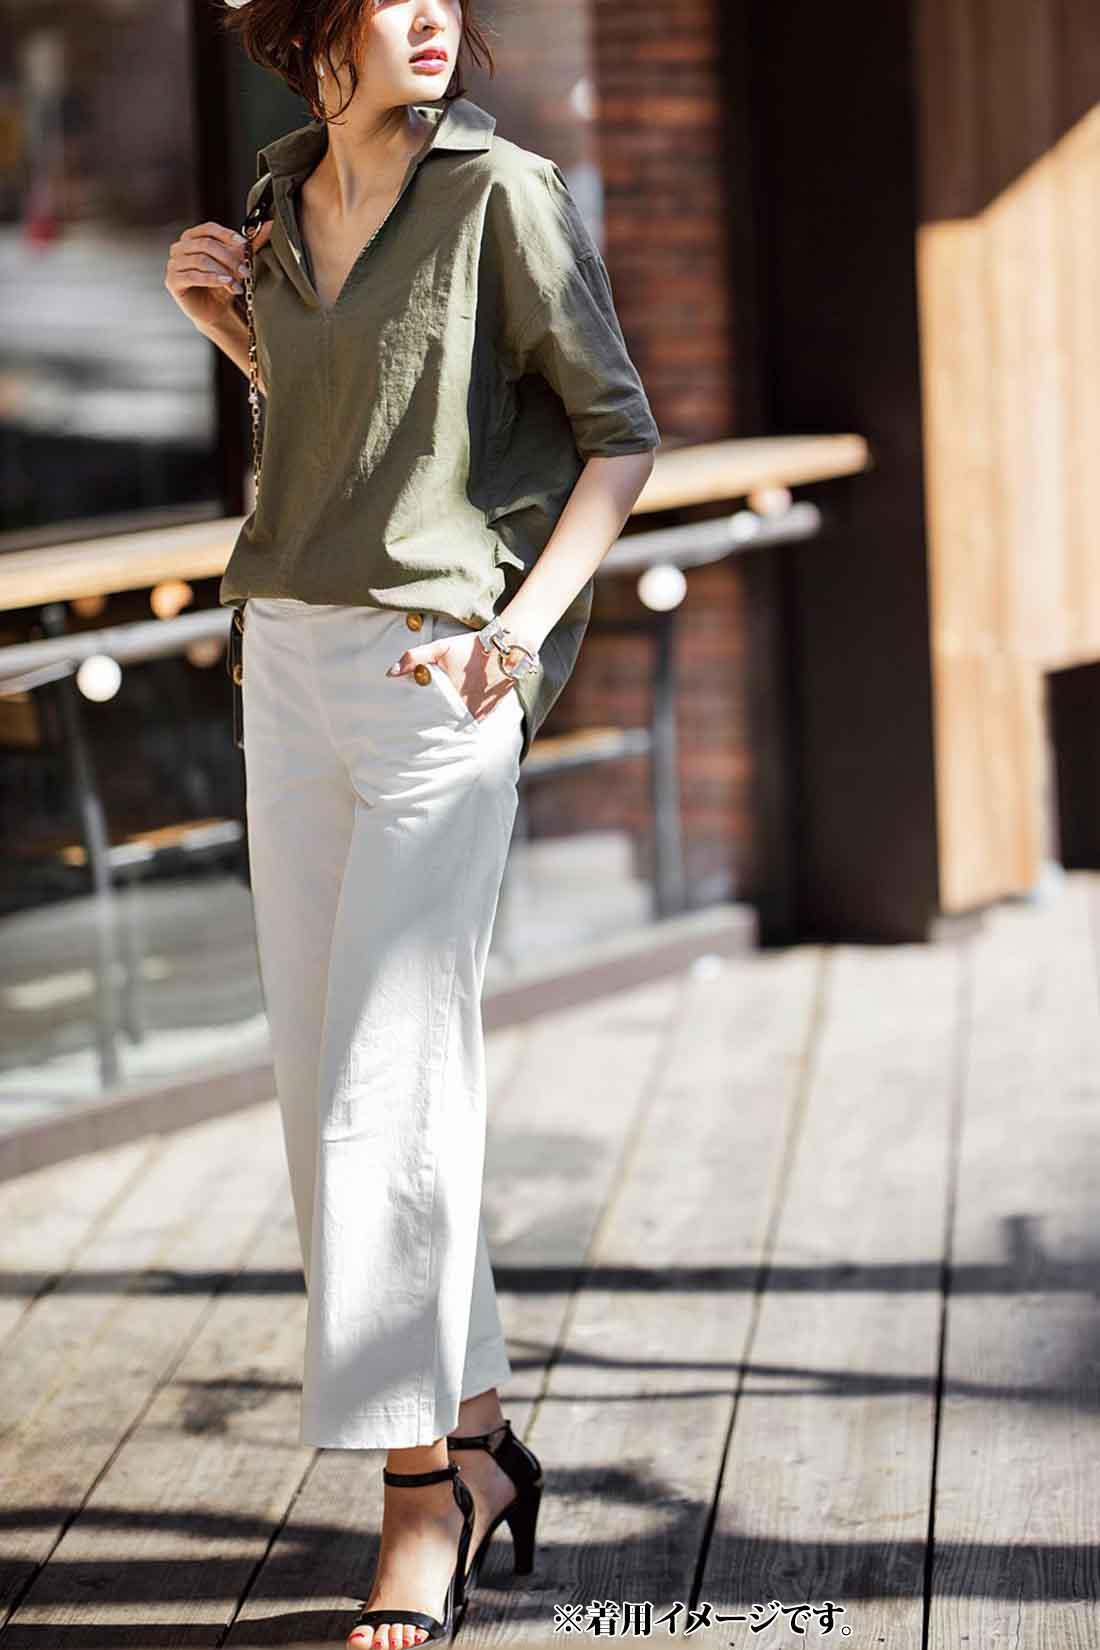 シックなトーンがより洗練された印象を漂わす大人のマリンスタイル。バッグ、シューズなど、小物はブラックで潔く統一しスパイシーに仕上げるのが今年らしさ。パンツのゴールドボタンやバッグのゴールドチェーンが女度を高めてくれる。